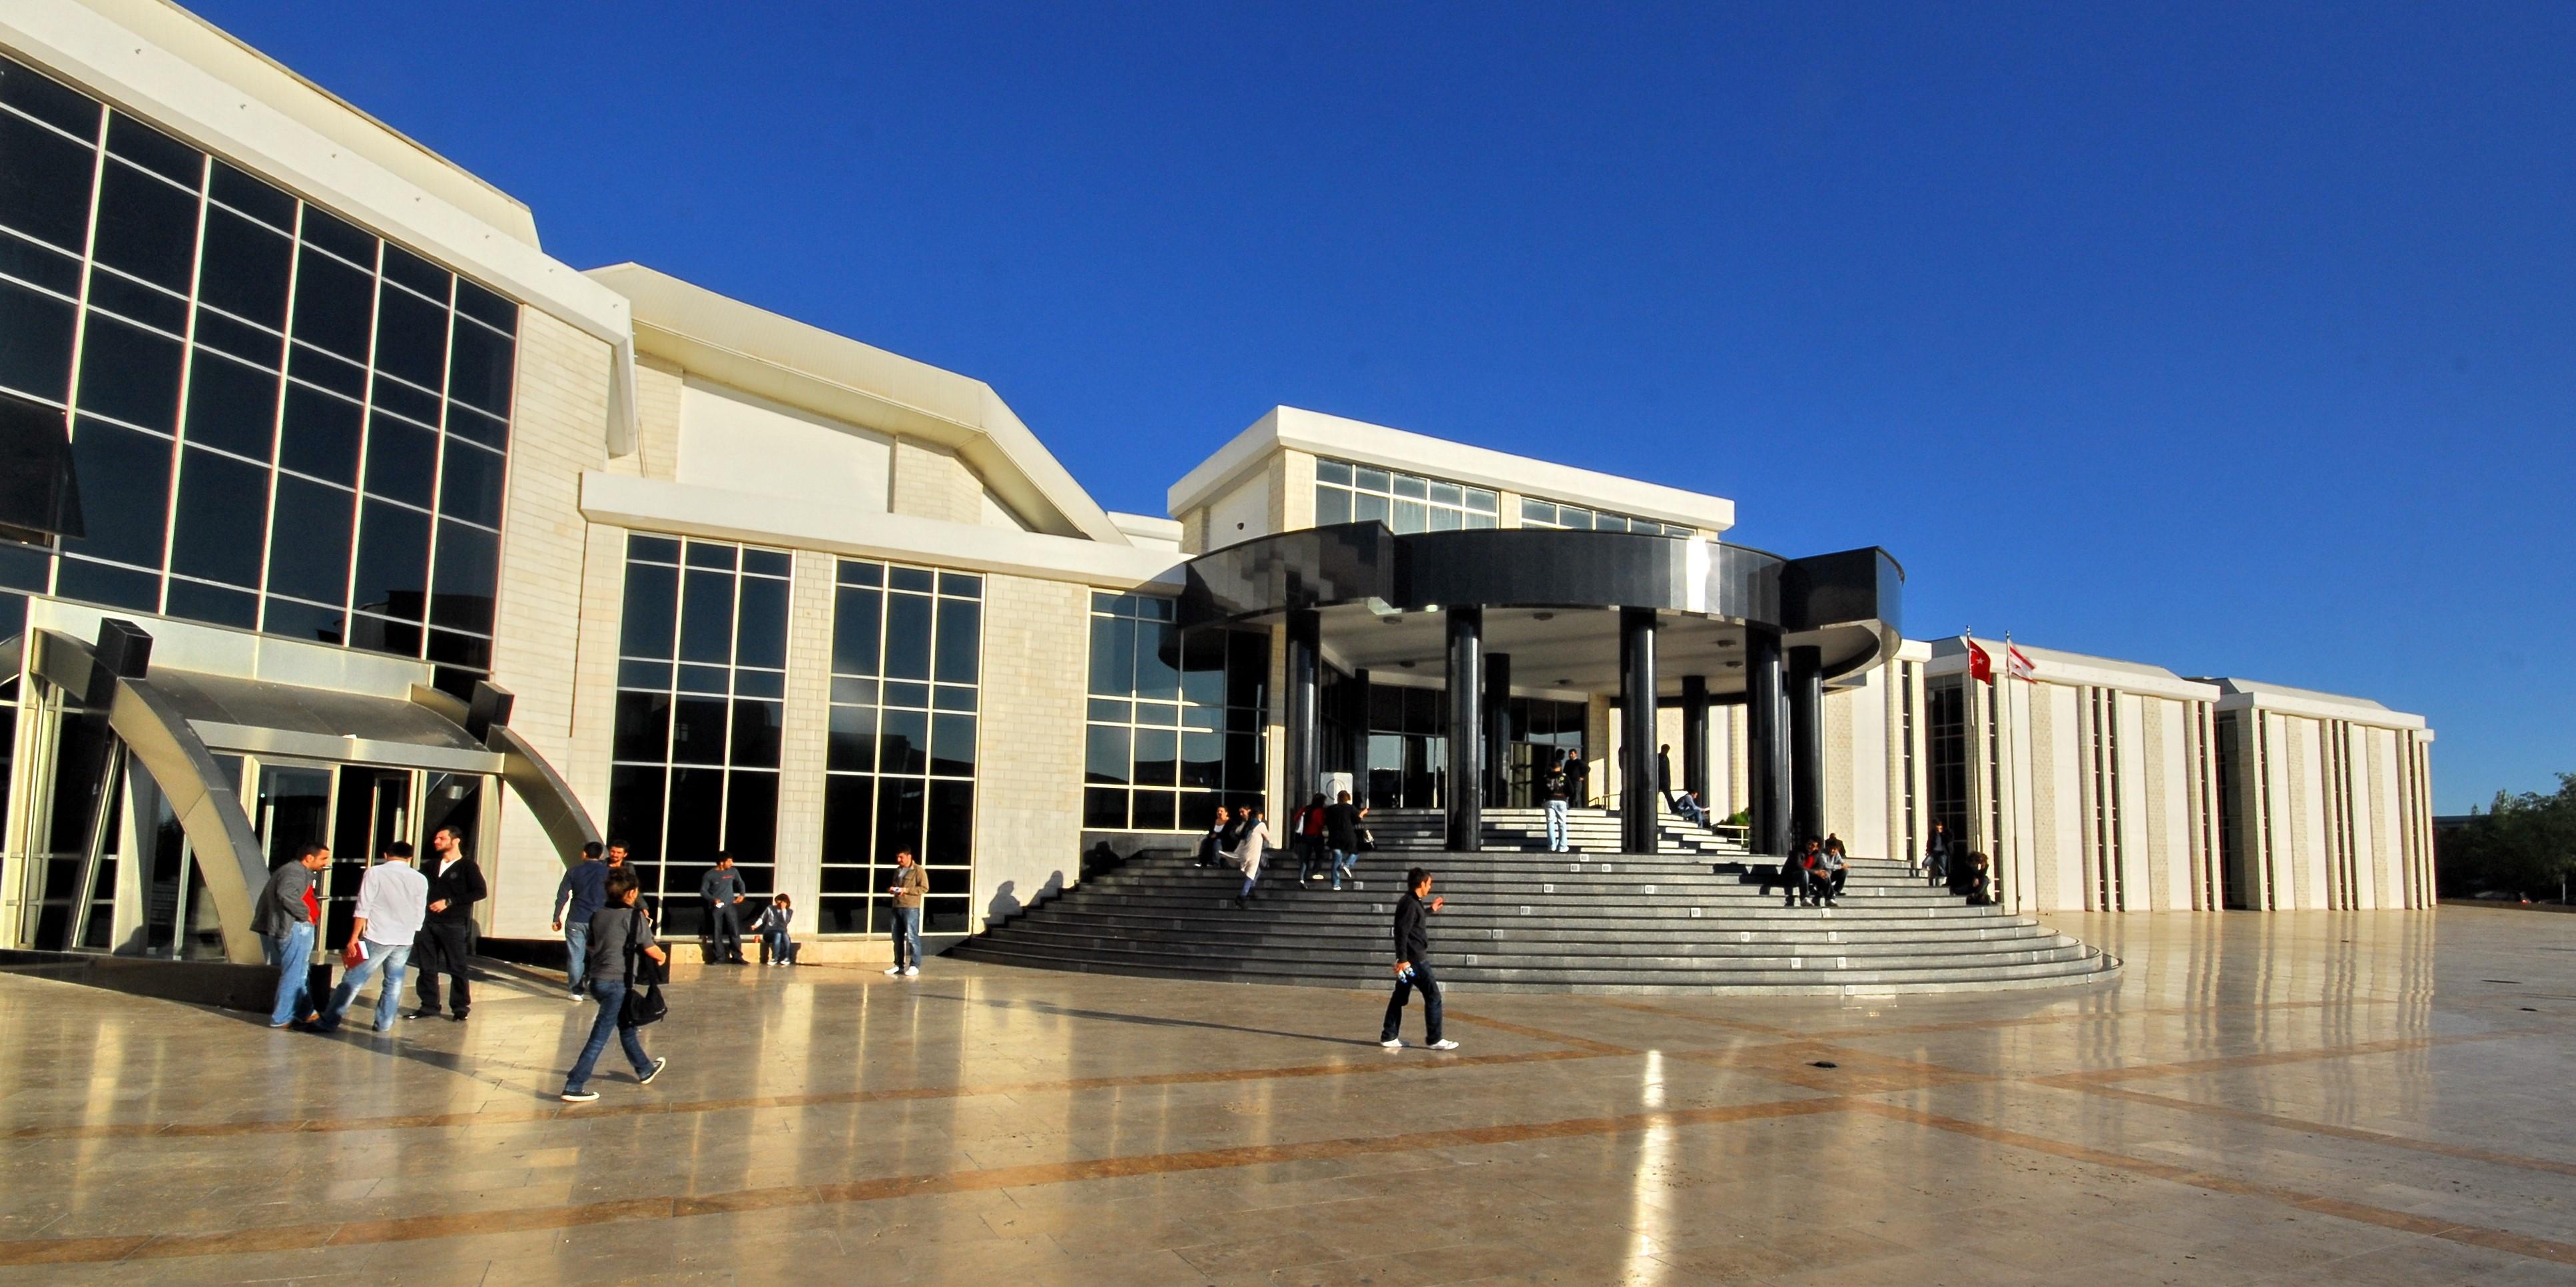 YDÜ,İngilizce Mimarlık Bölümü Mimarlık Akreditasyon Kurumu (MIAK) tarafından Akredite edildi